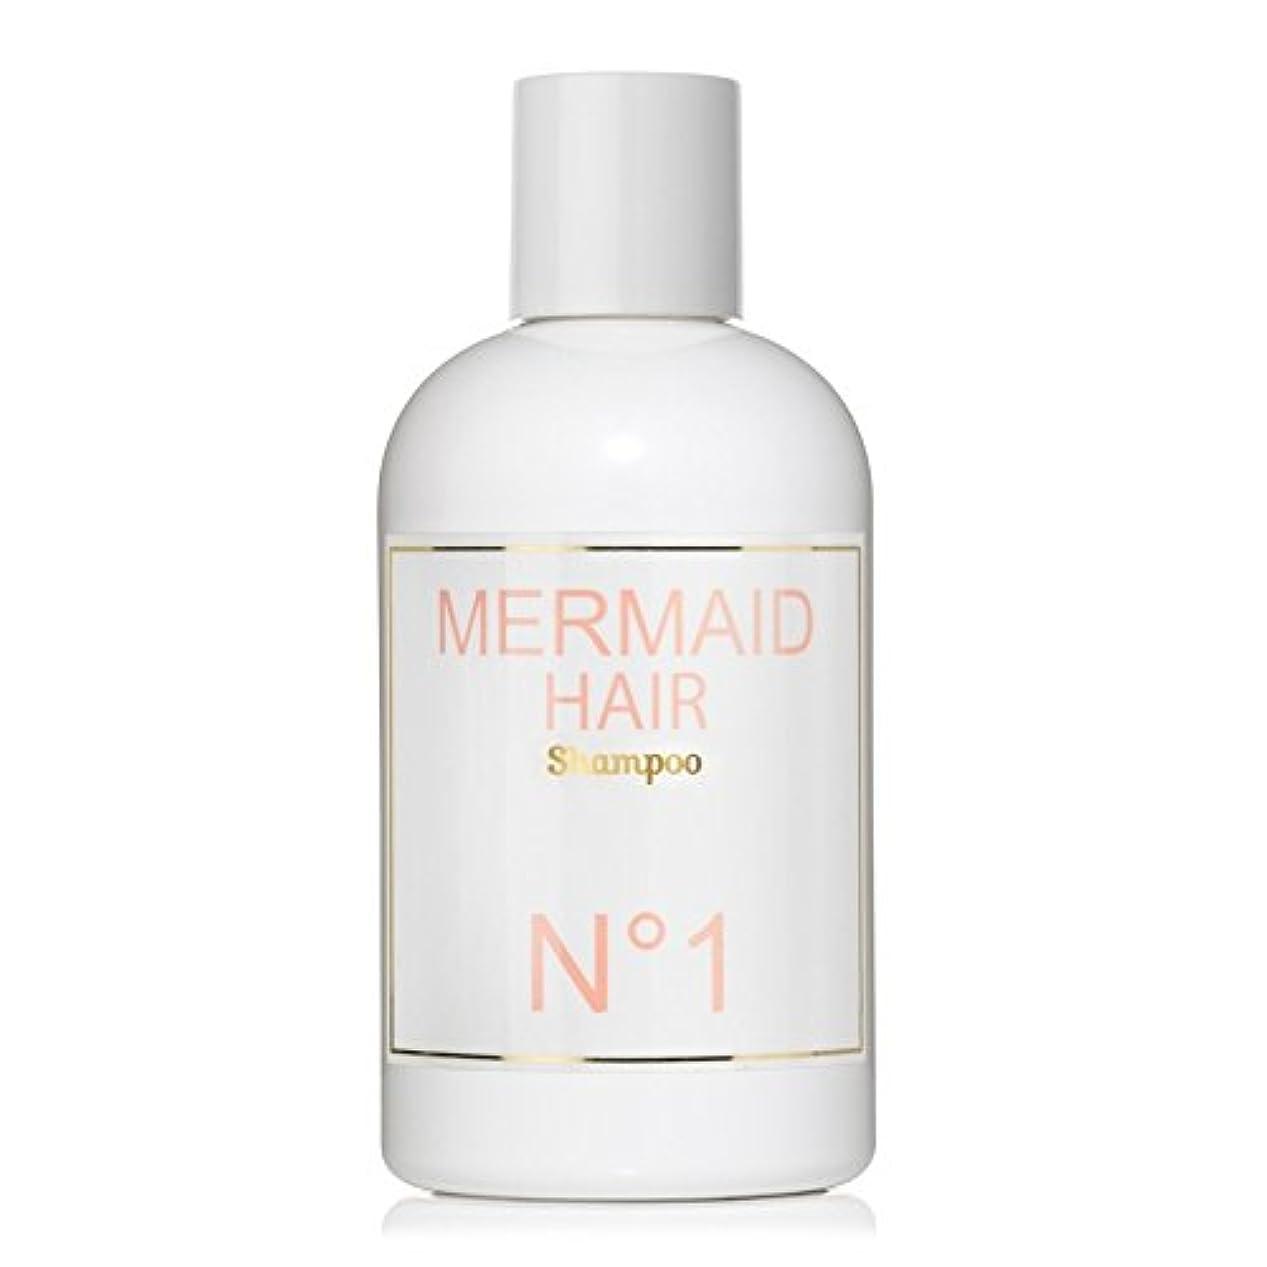 ヒープ努力エンディングMermaid Perfume Mermaid Shampoo 237ml (Pack of 6) - 人魚香水人魚のシャンプー237ミリリットル x6 [並行輸入品]